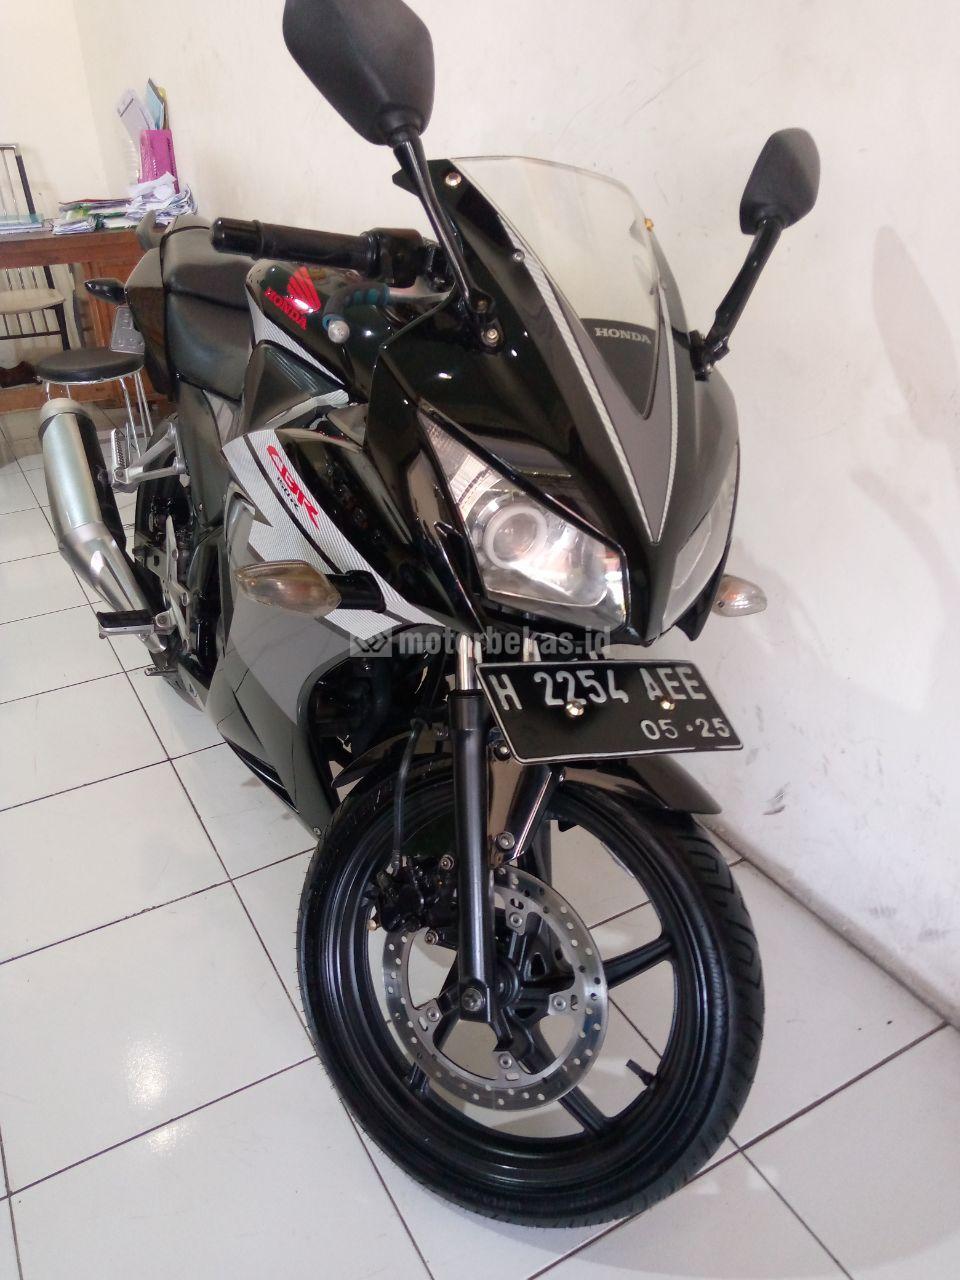 HONDA CBR 150  1002 motorbekas.id